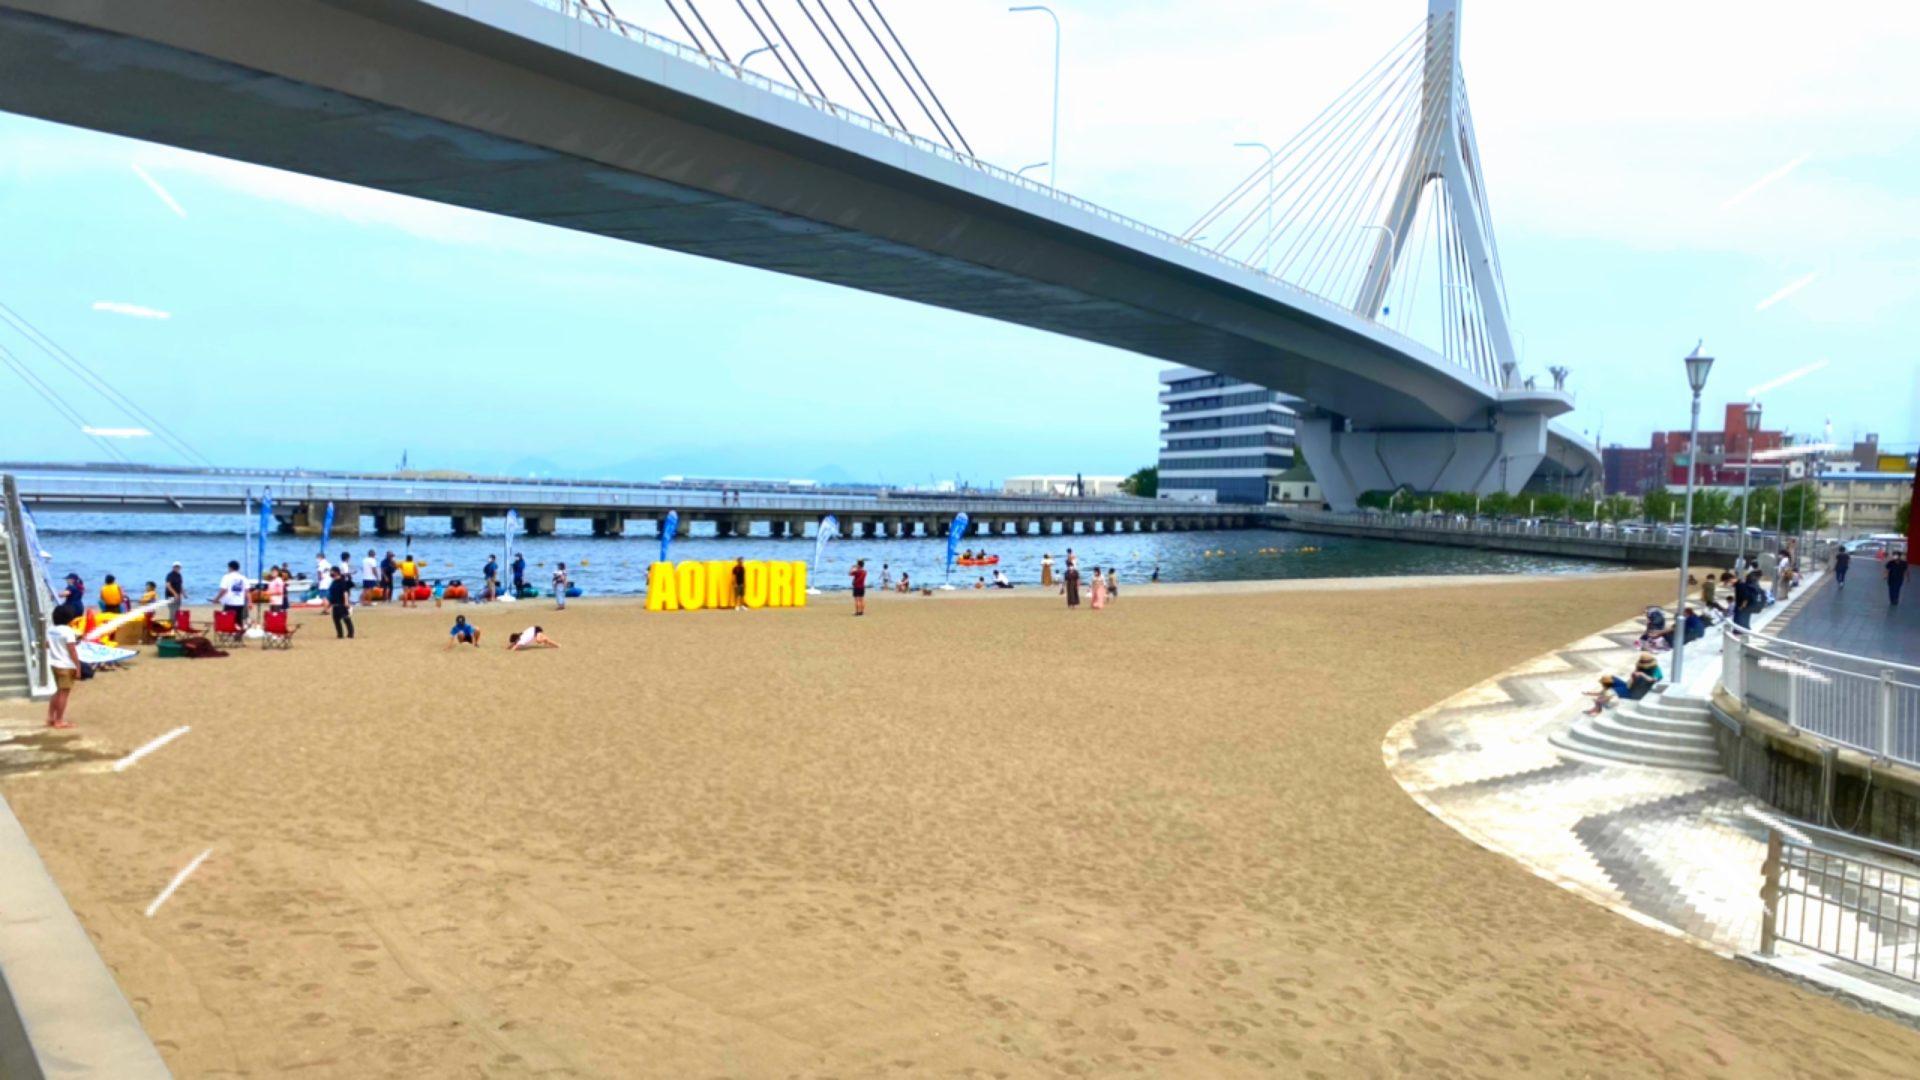 青森駅から実質0分で行けるビーチが出来た!? カヤック体験も!